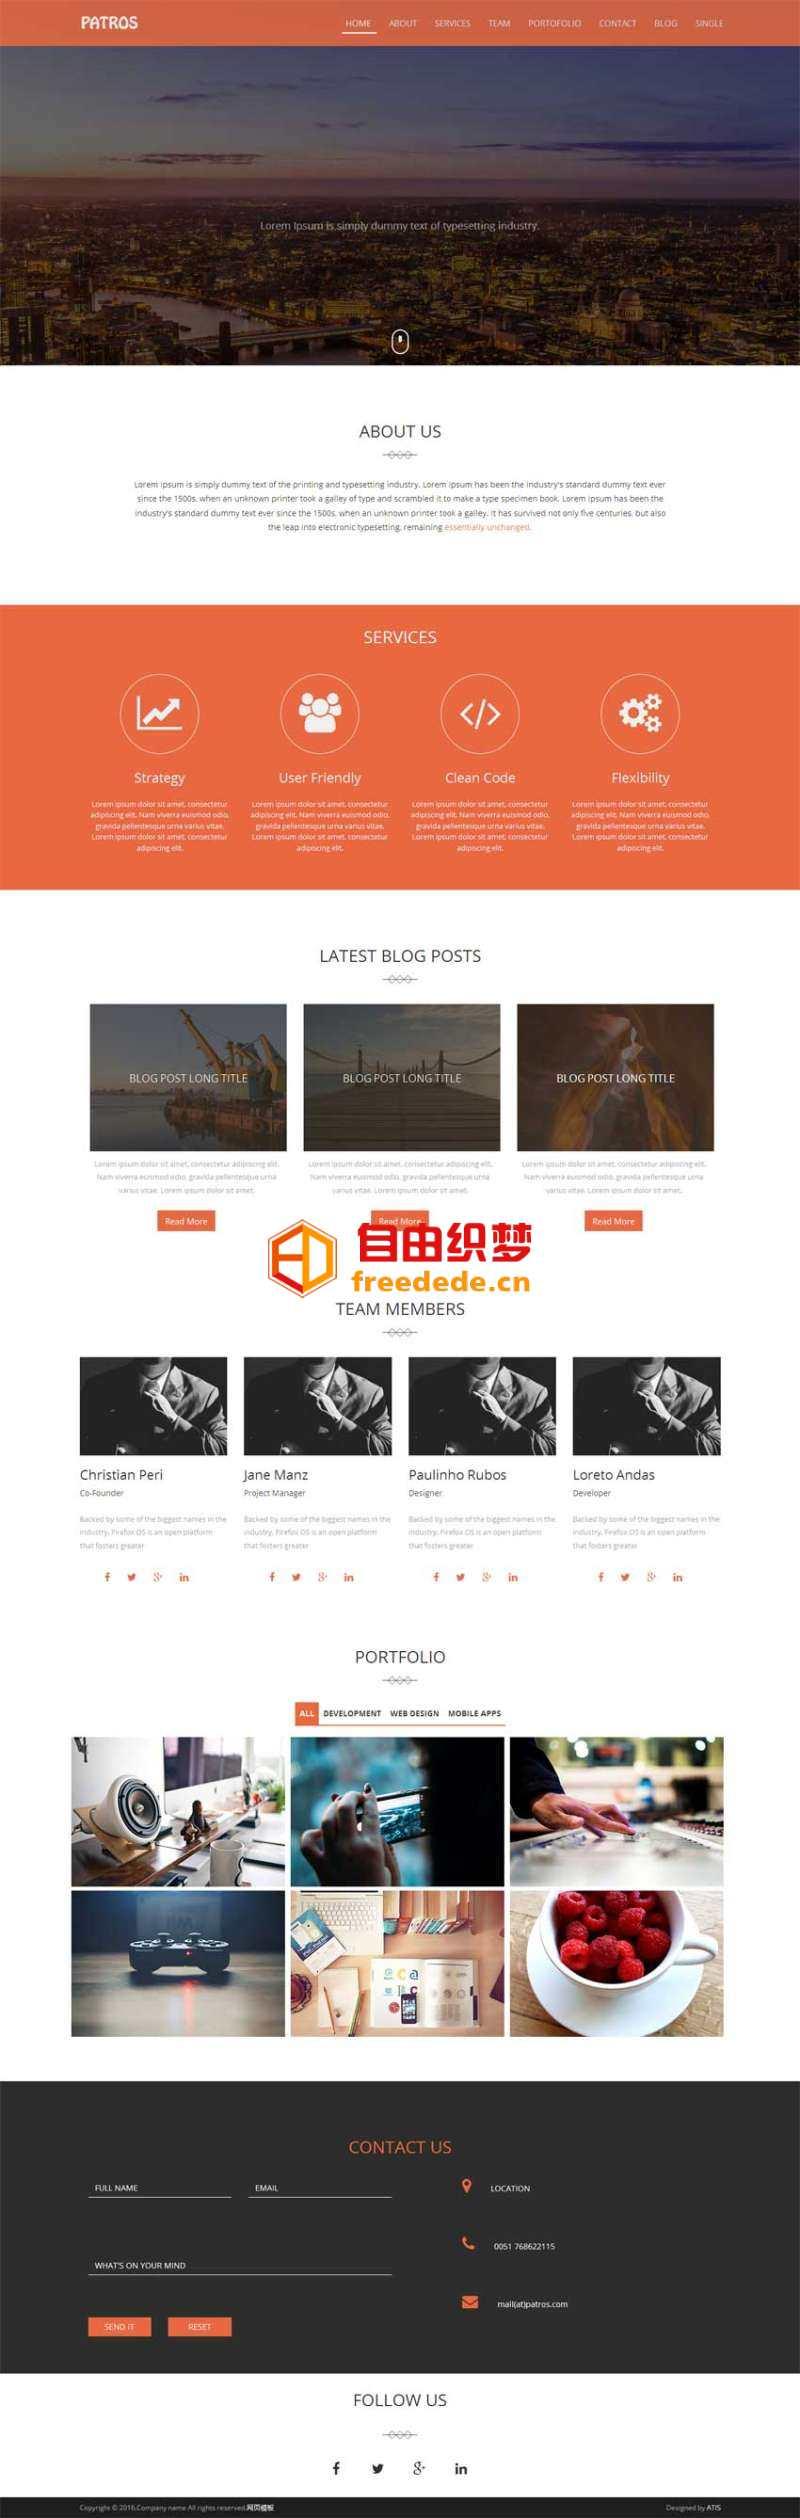 爱上源码网文章橙色扁平化网络商务公司单页展示html5模板的内容插图